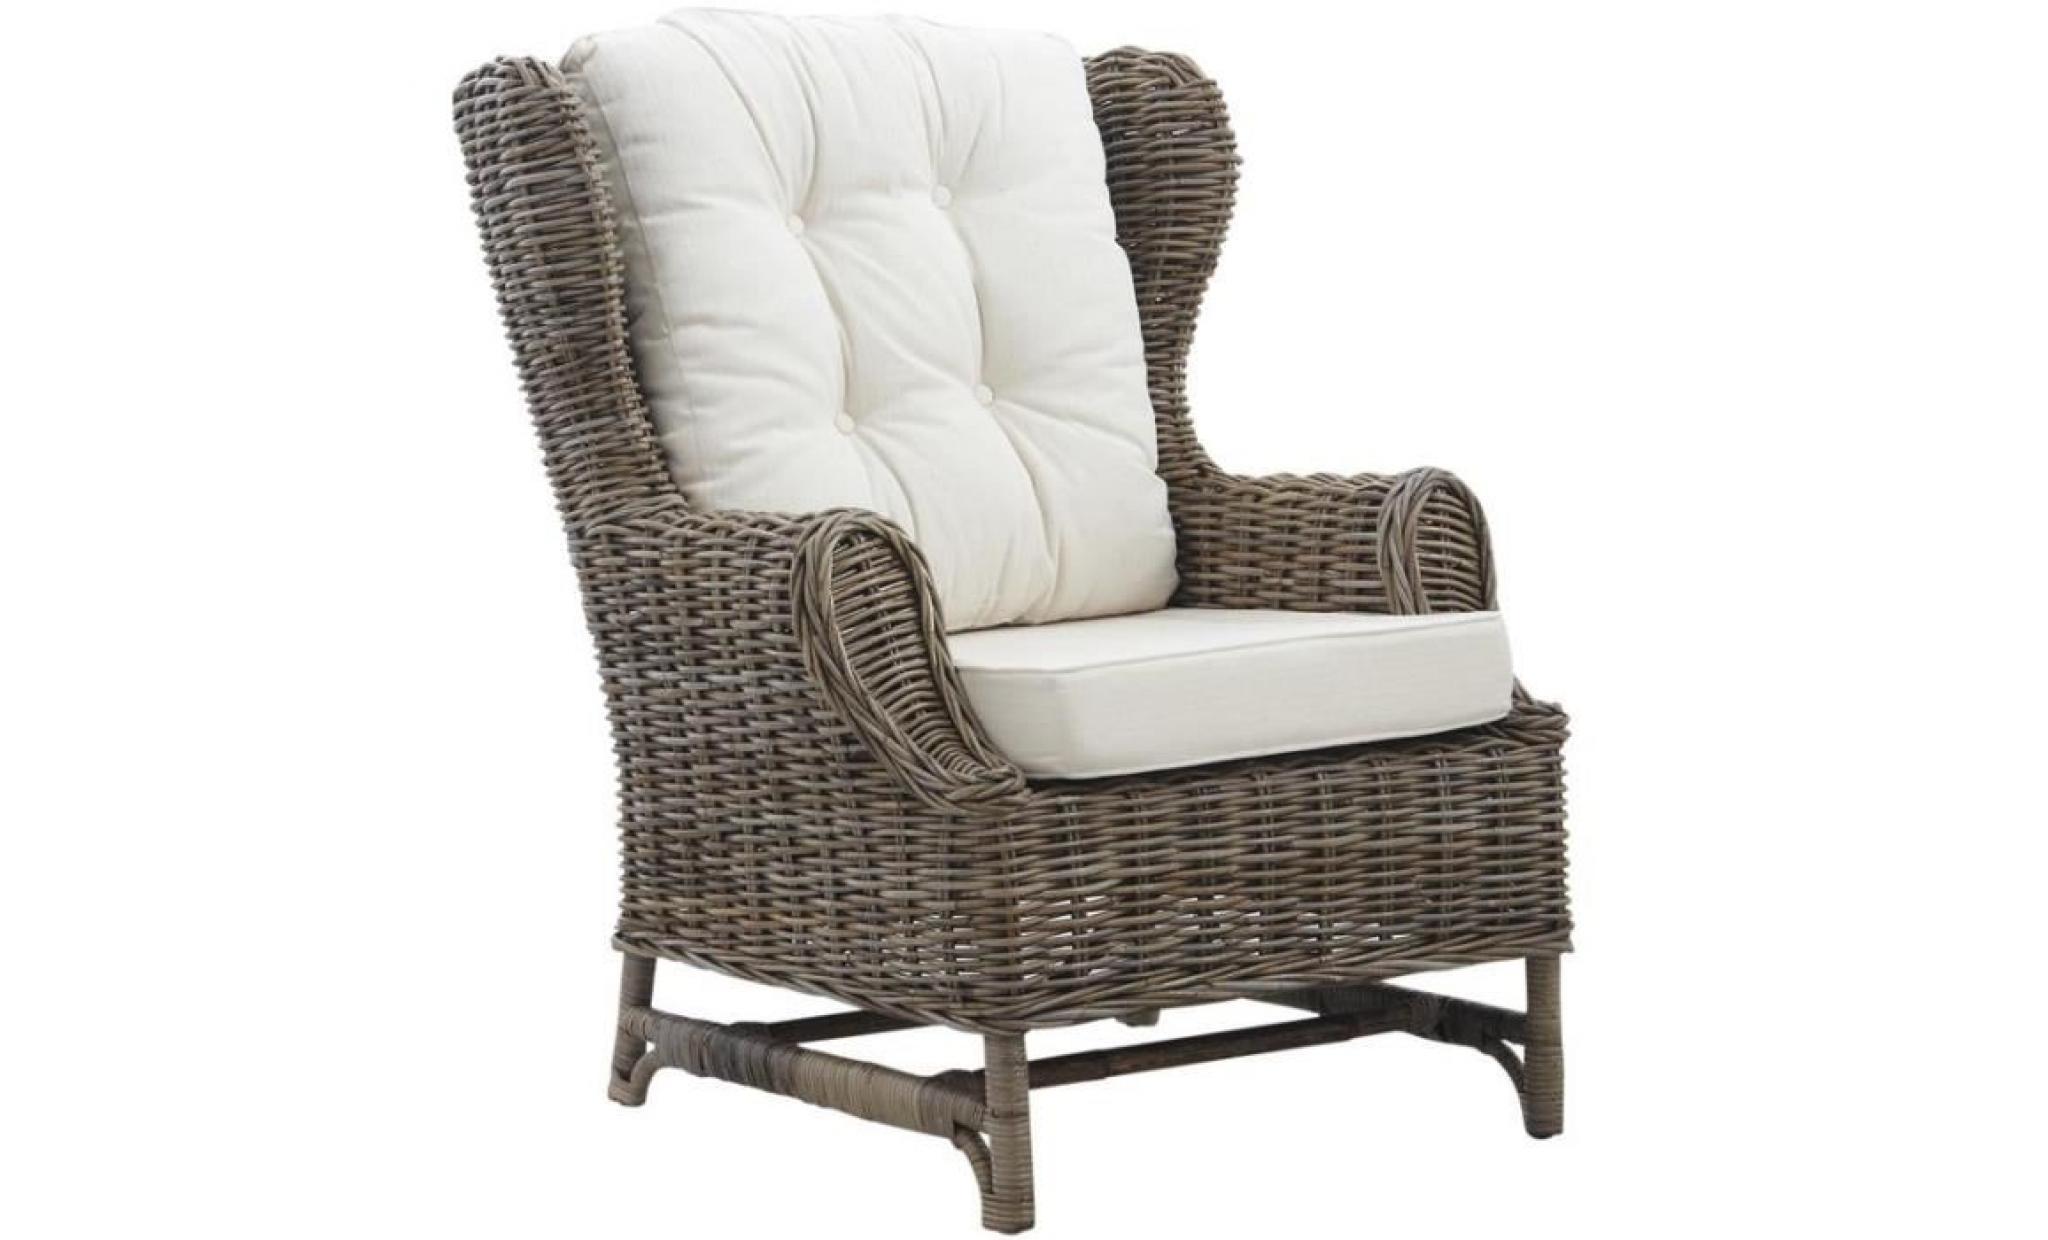 fauteuil relax poelet achat vente fauteuil de jardin relaxation pas cher